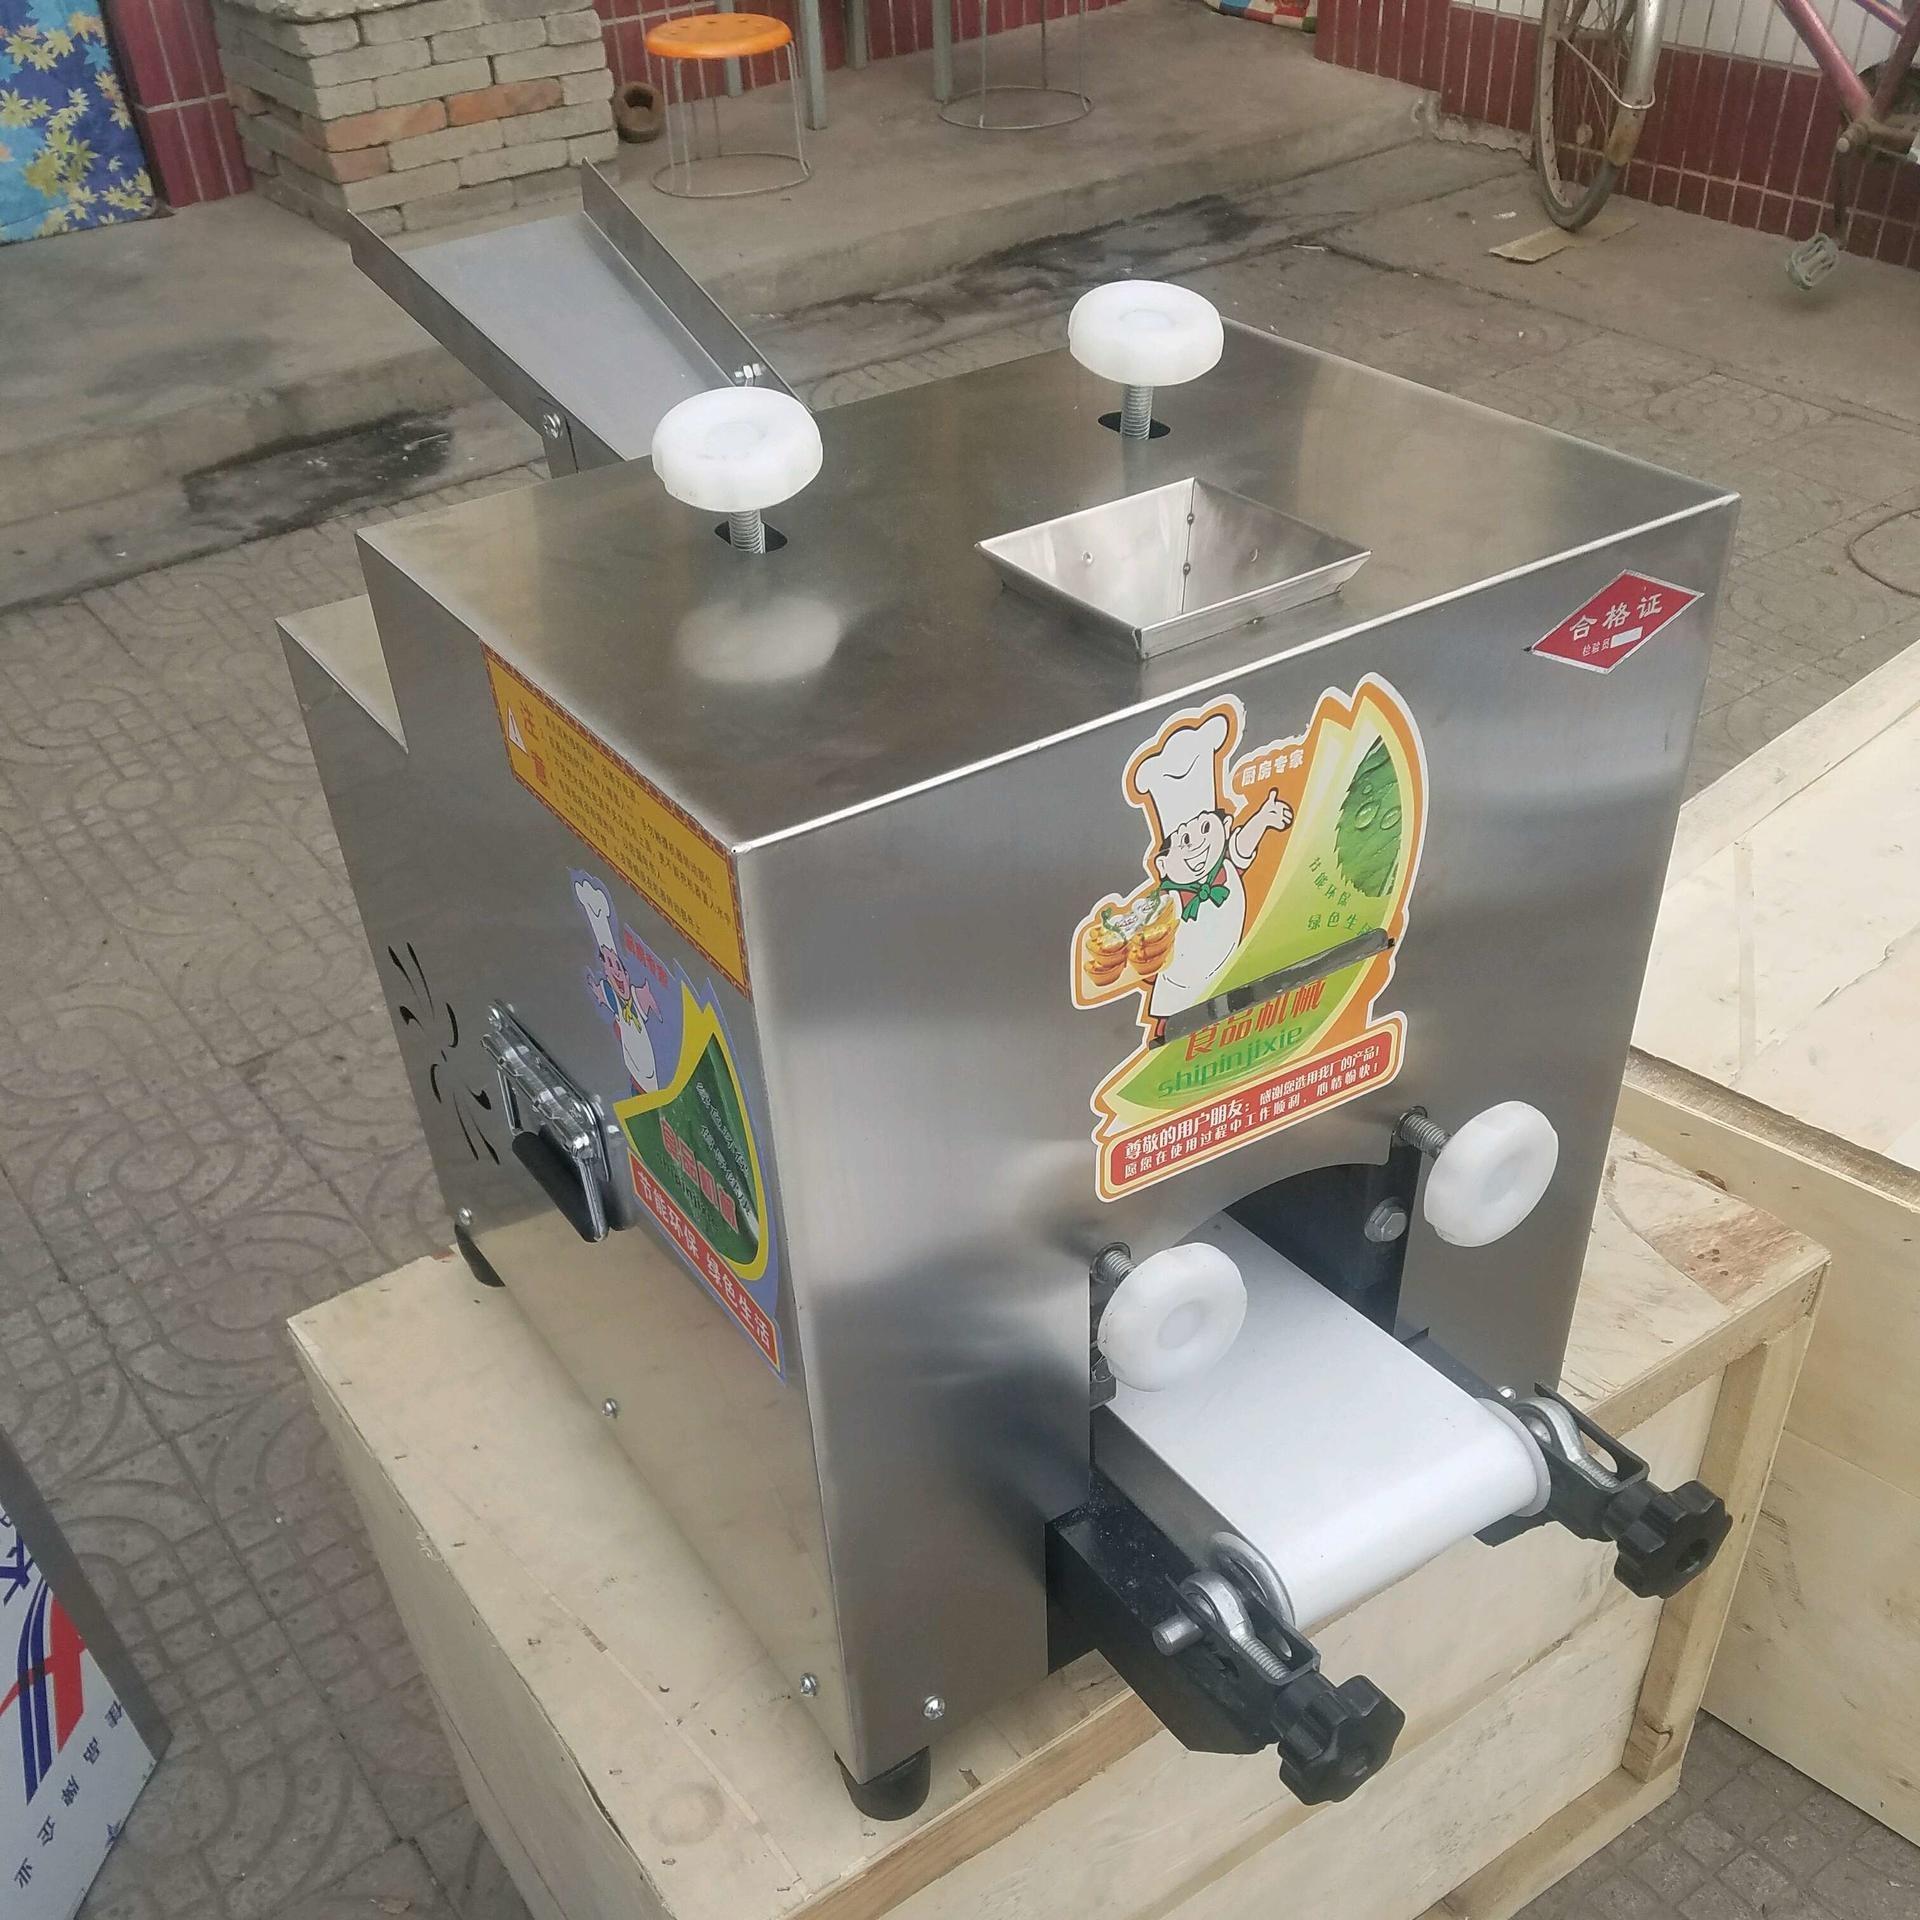 正旺仿手工餃子皮機 米面機械設備 全自動型小籠包皮 混沌皮機包子皮機大量現貨